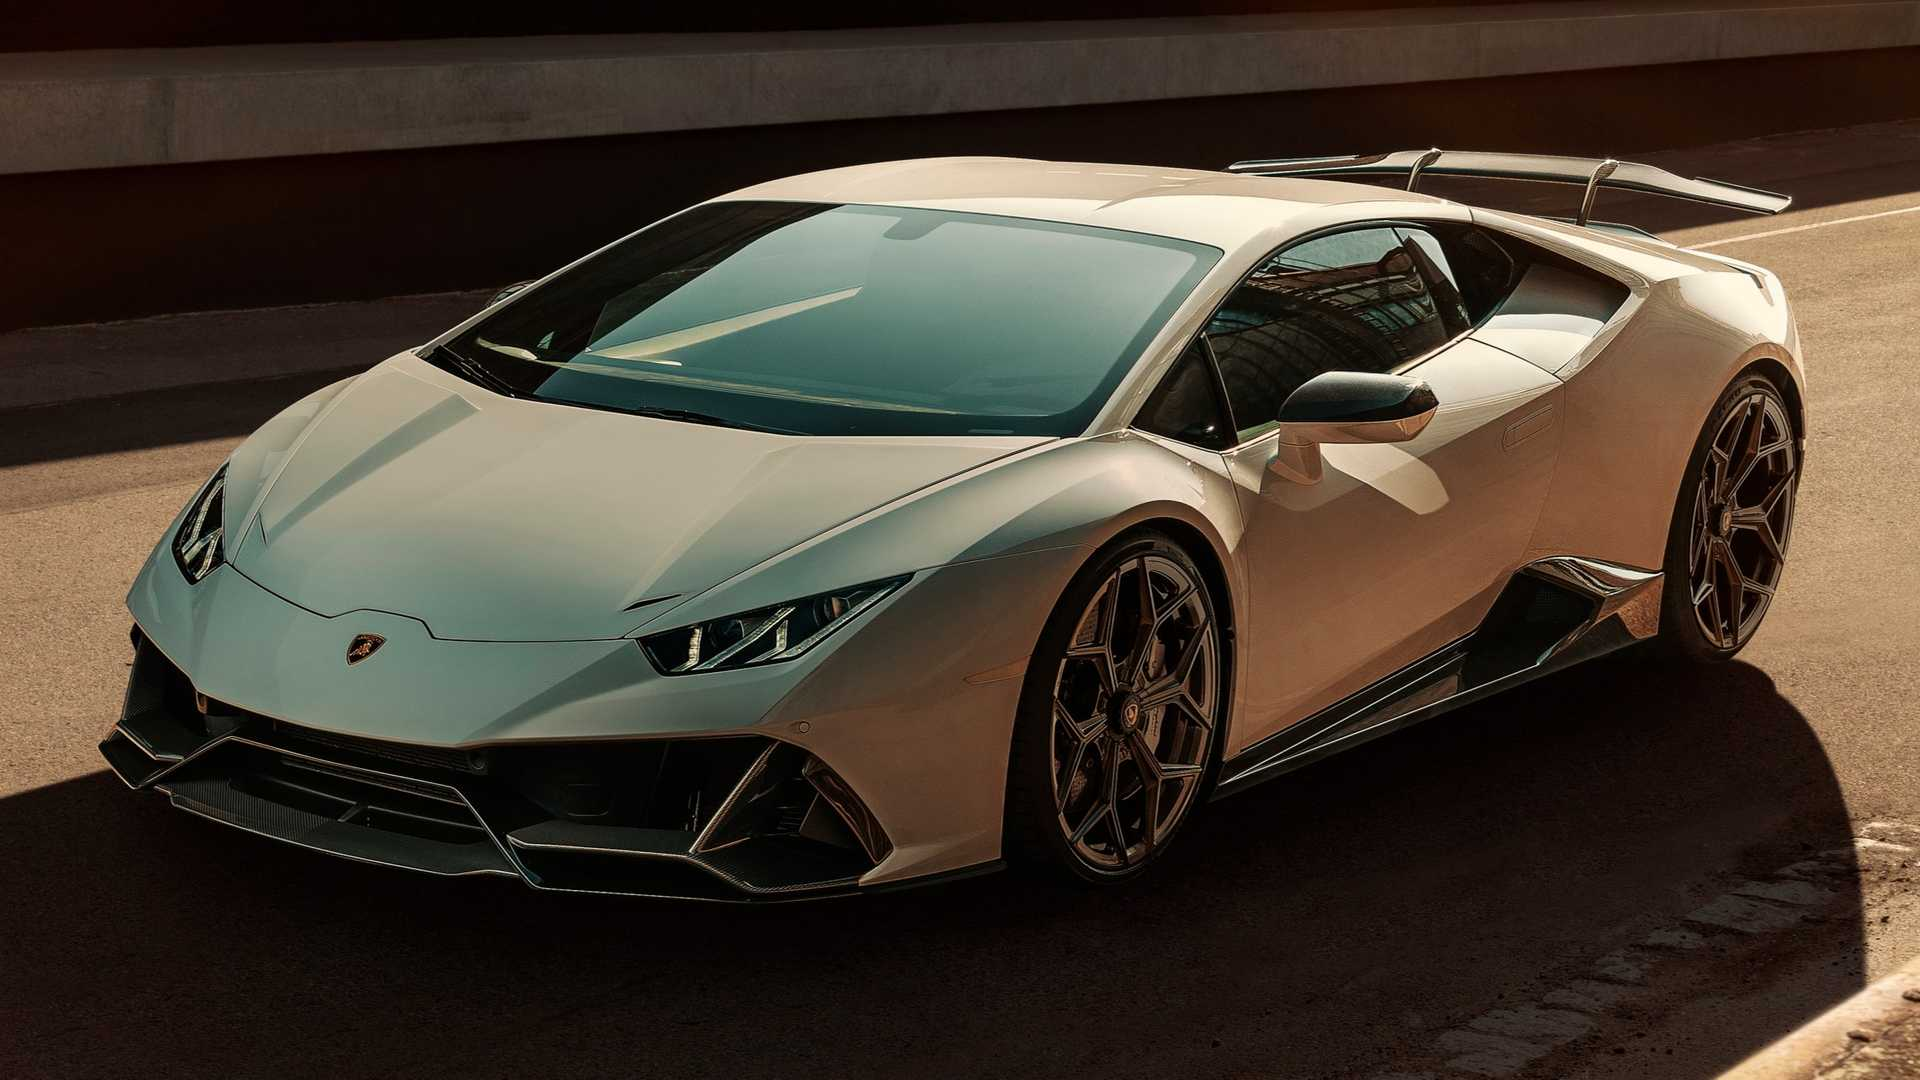 Lamborghini_Huracan_Evo_by_Novitec_0004